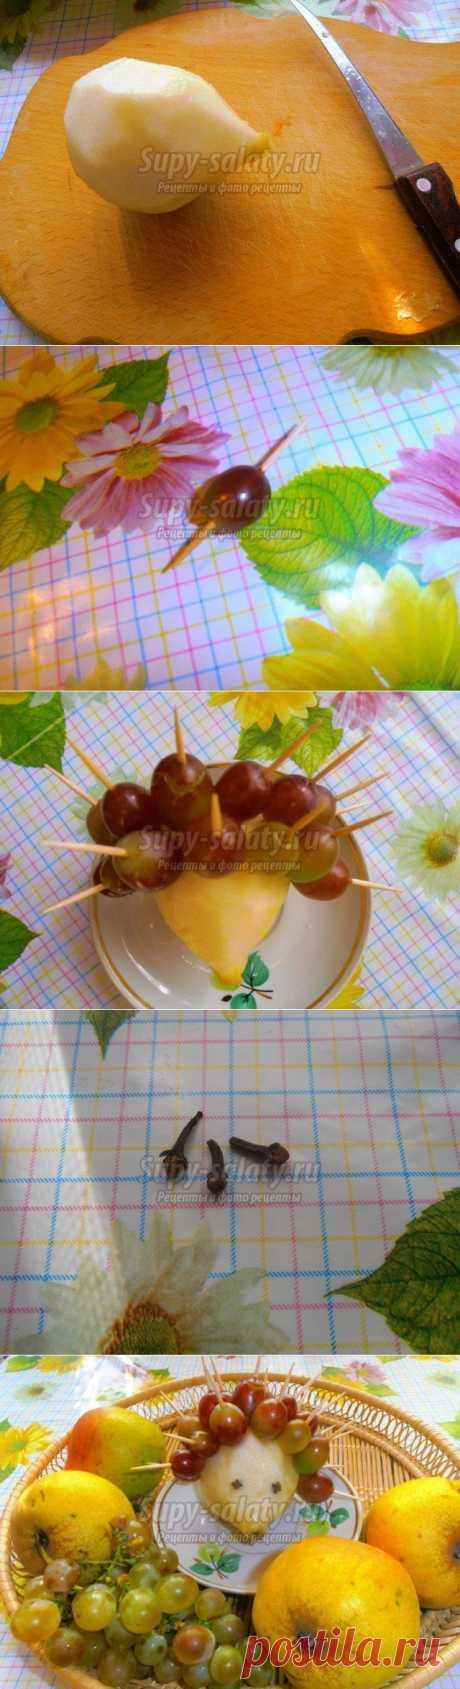 Ежик из фруктов. Мастер класс с пошаговым фото